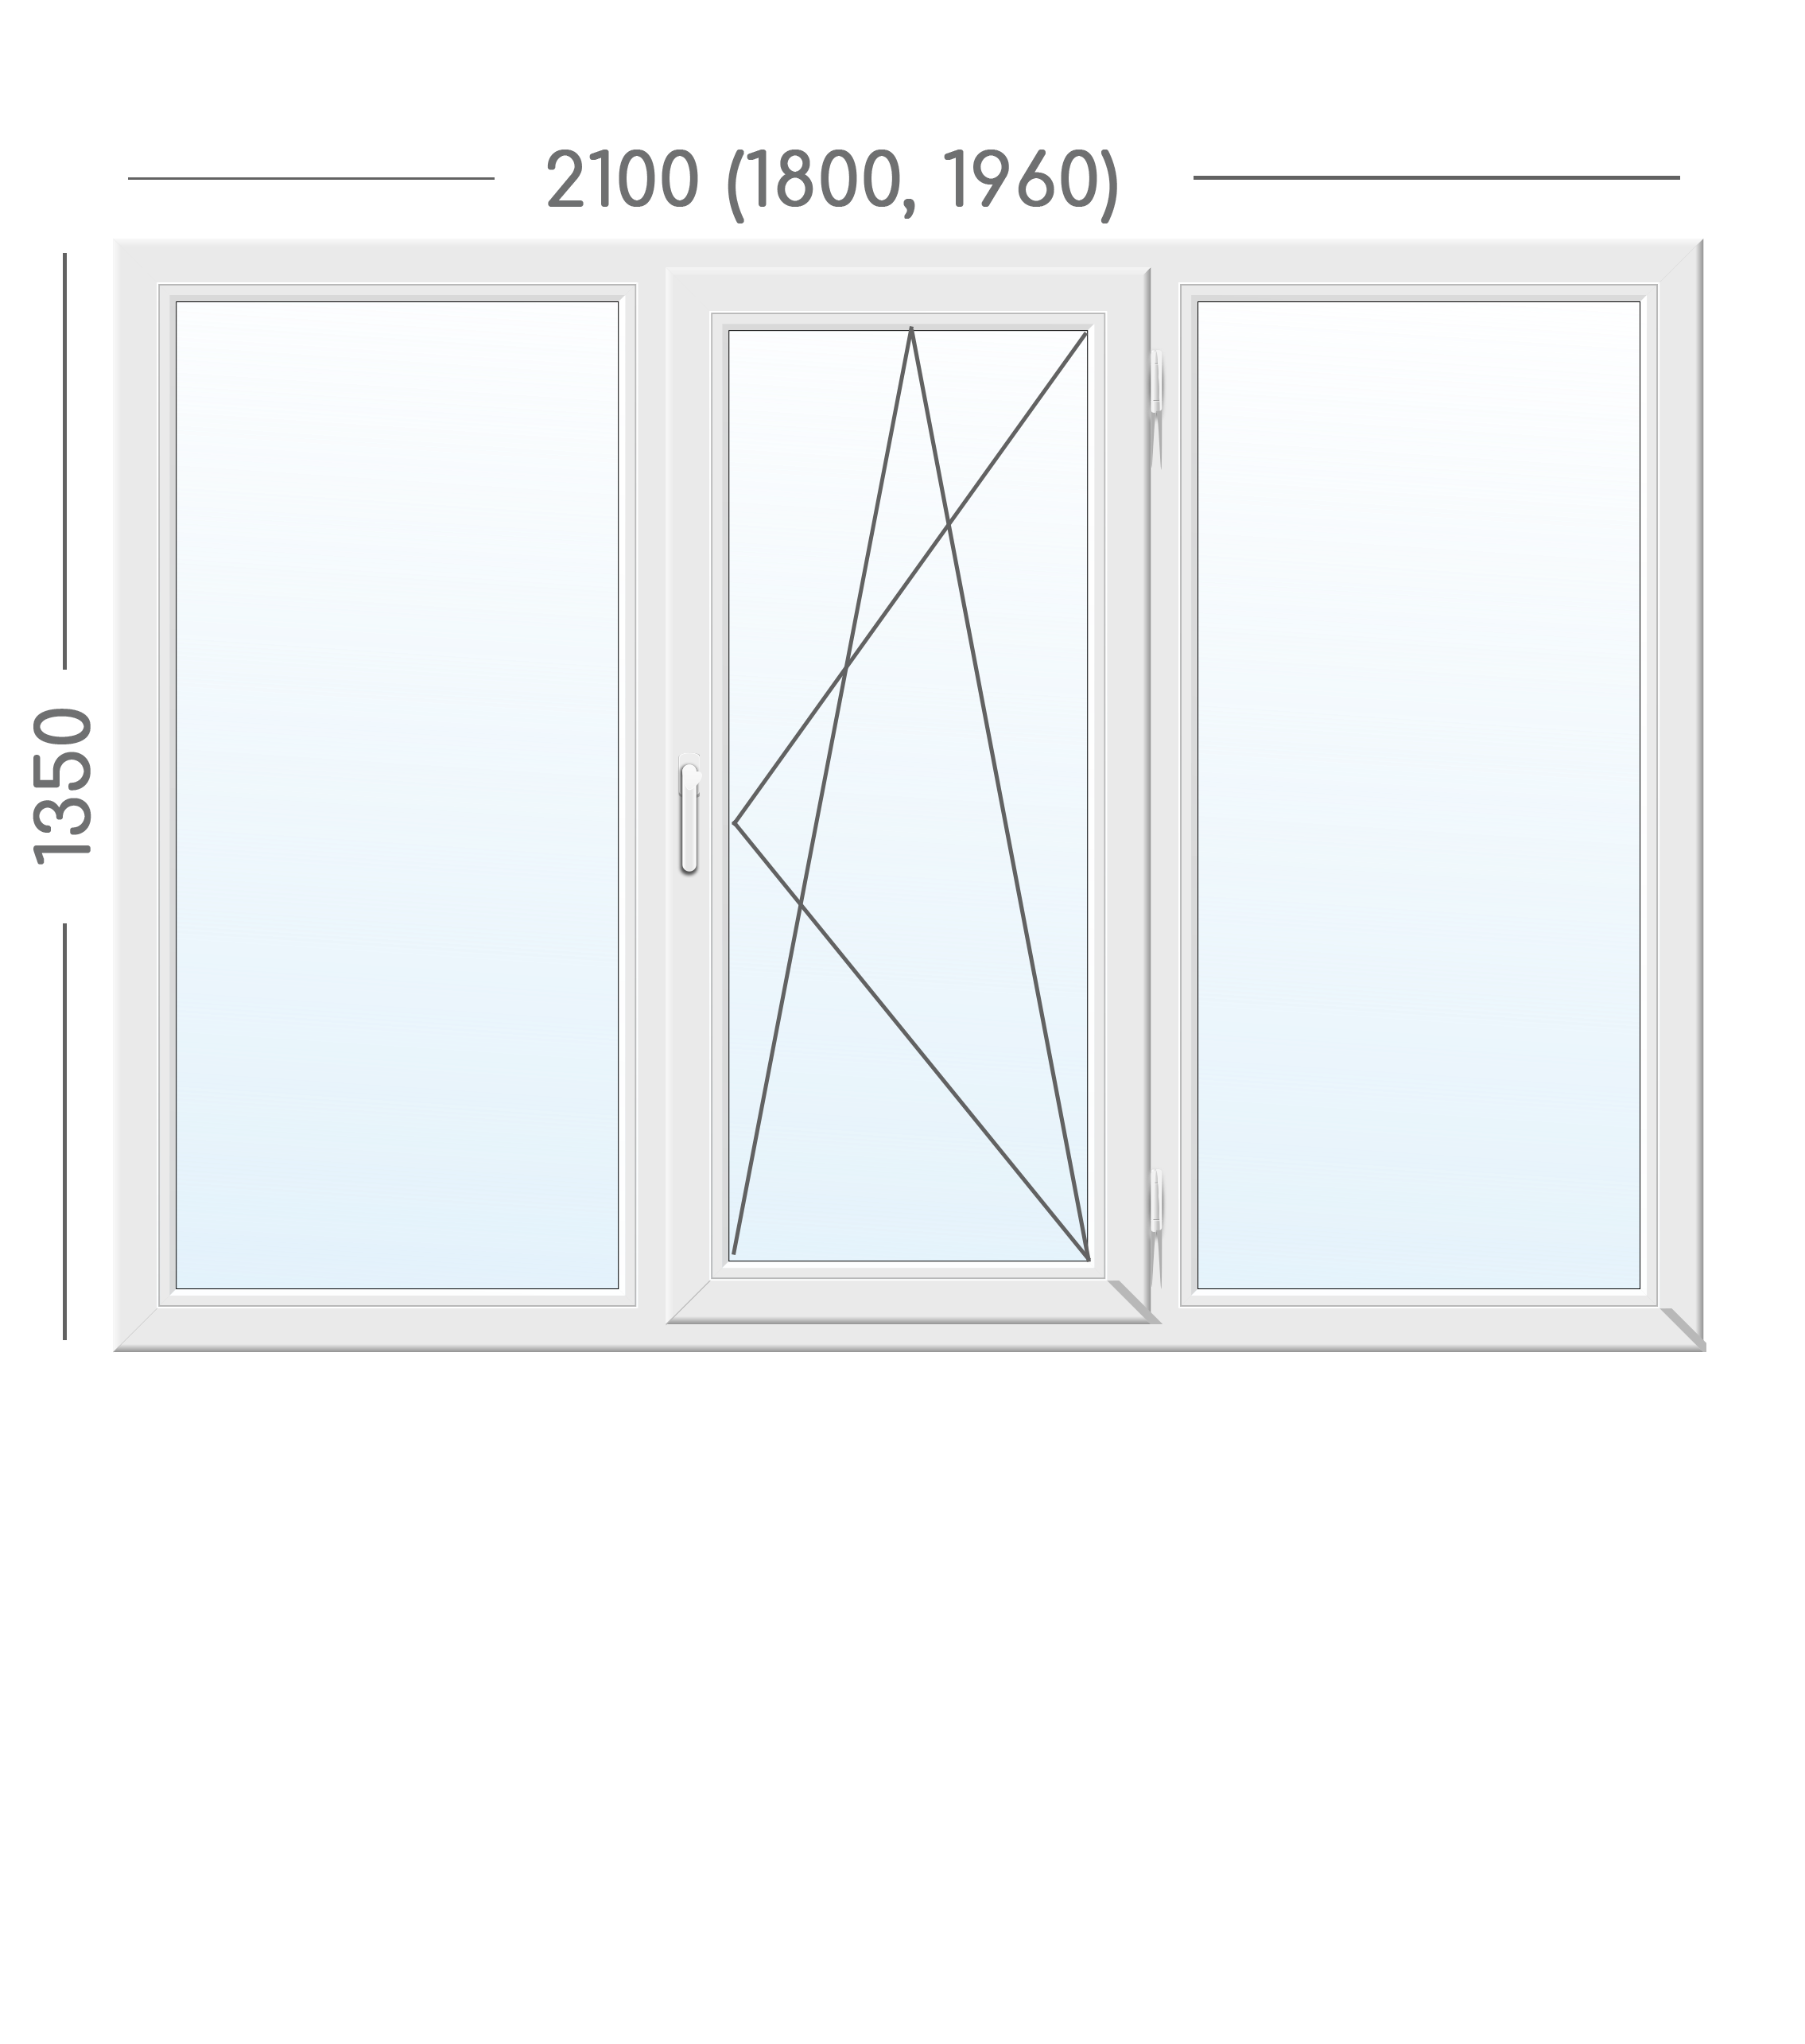 Окно WDS 8 серия с фурнитурой ROTO NT (Германия)